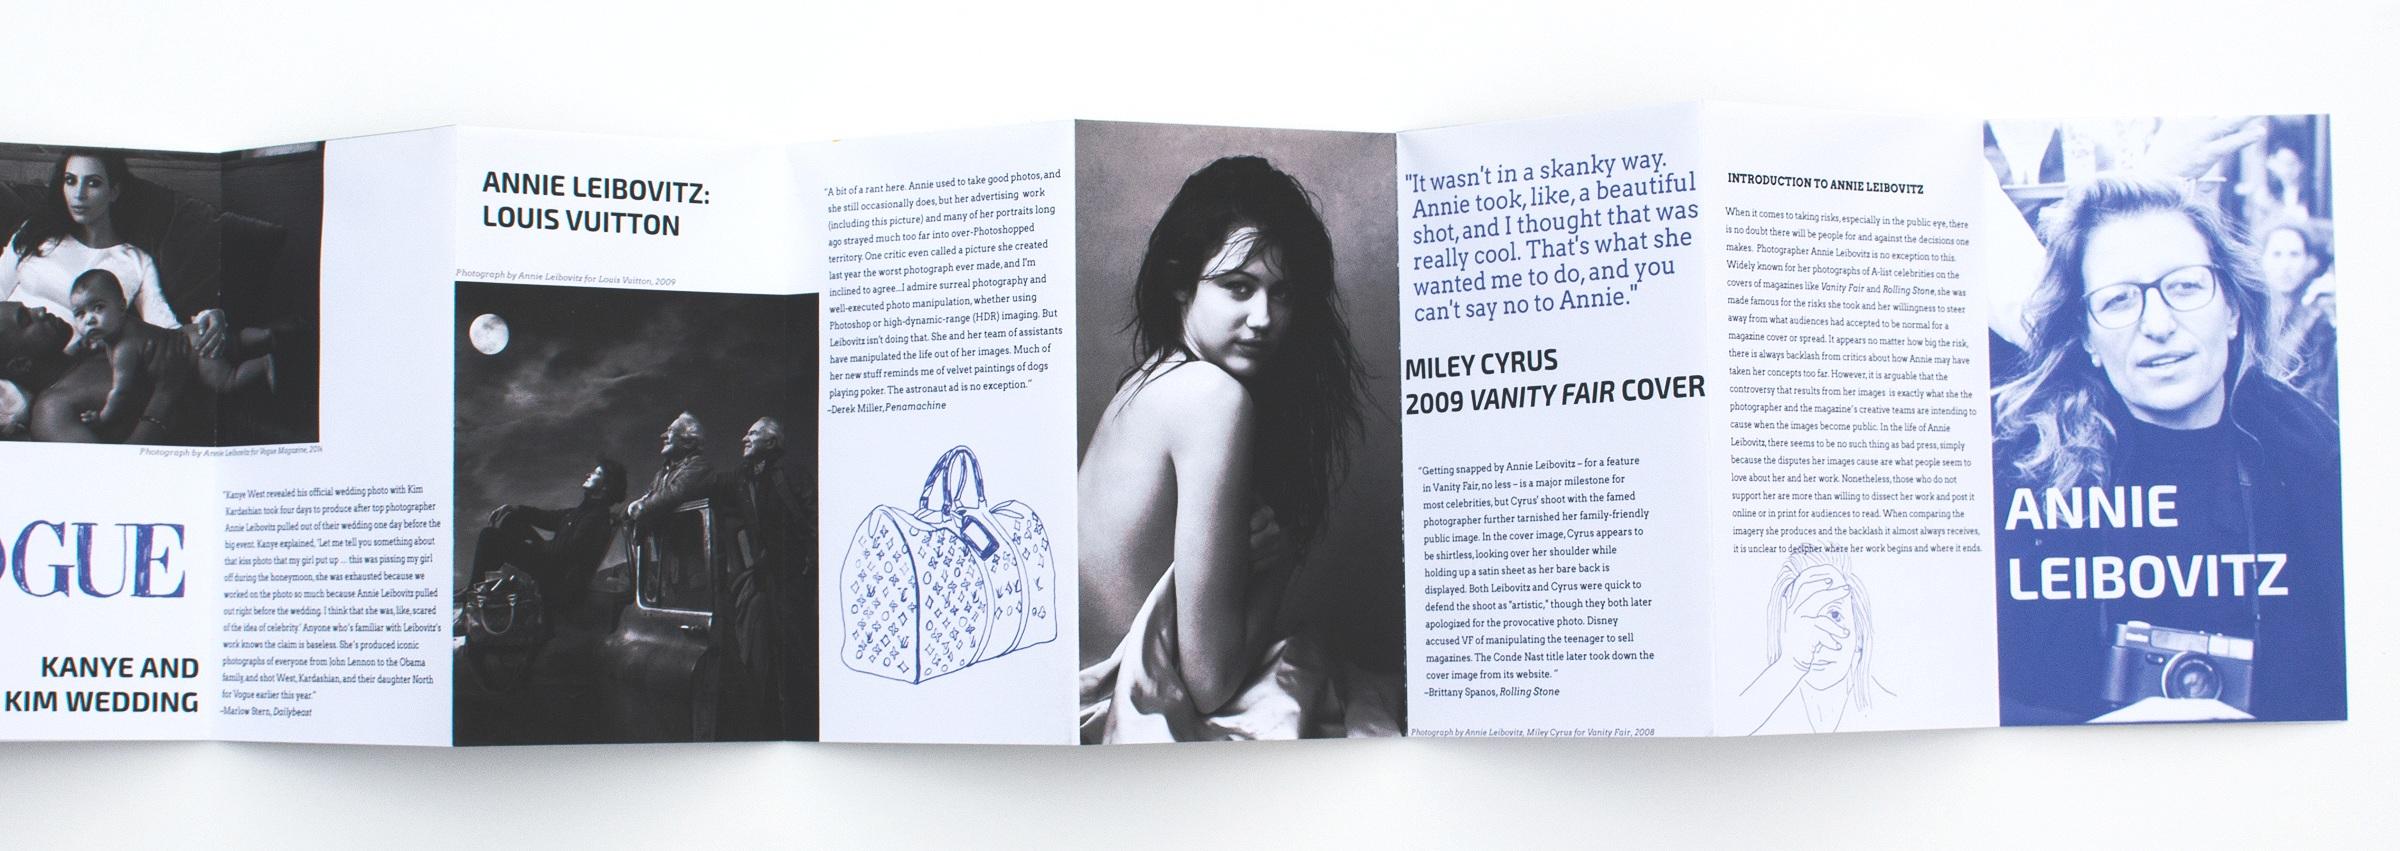 poster-4290.jpg